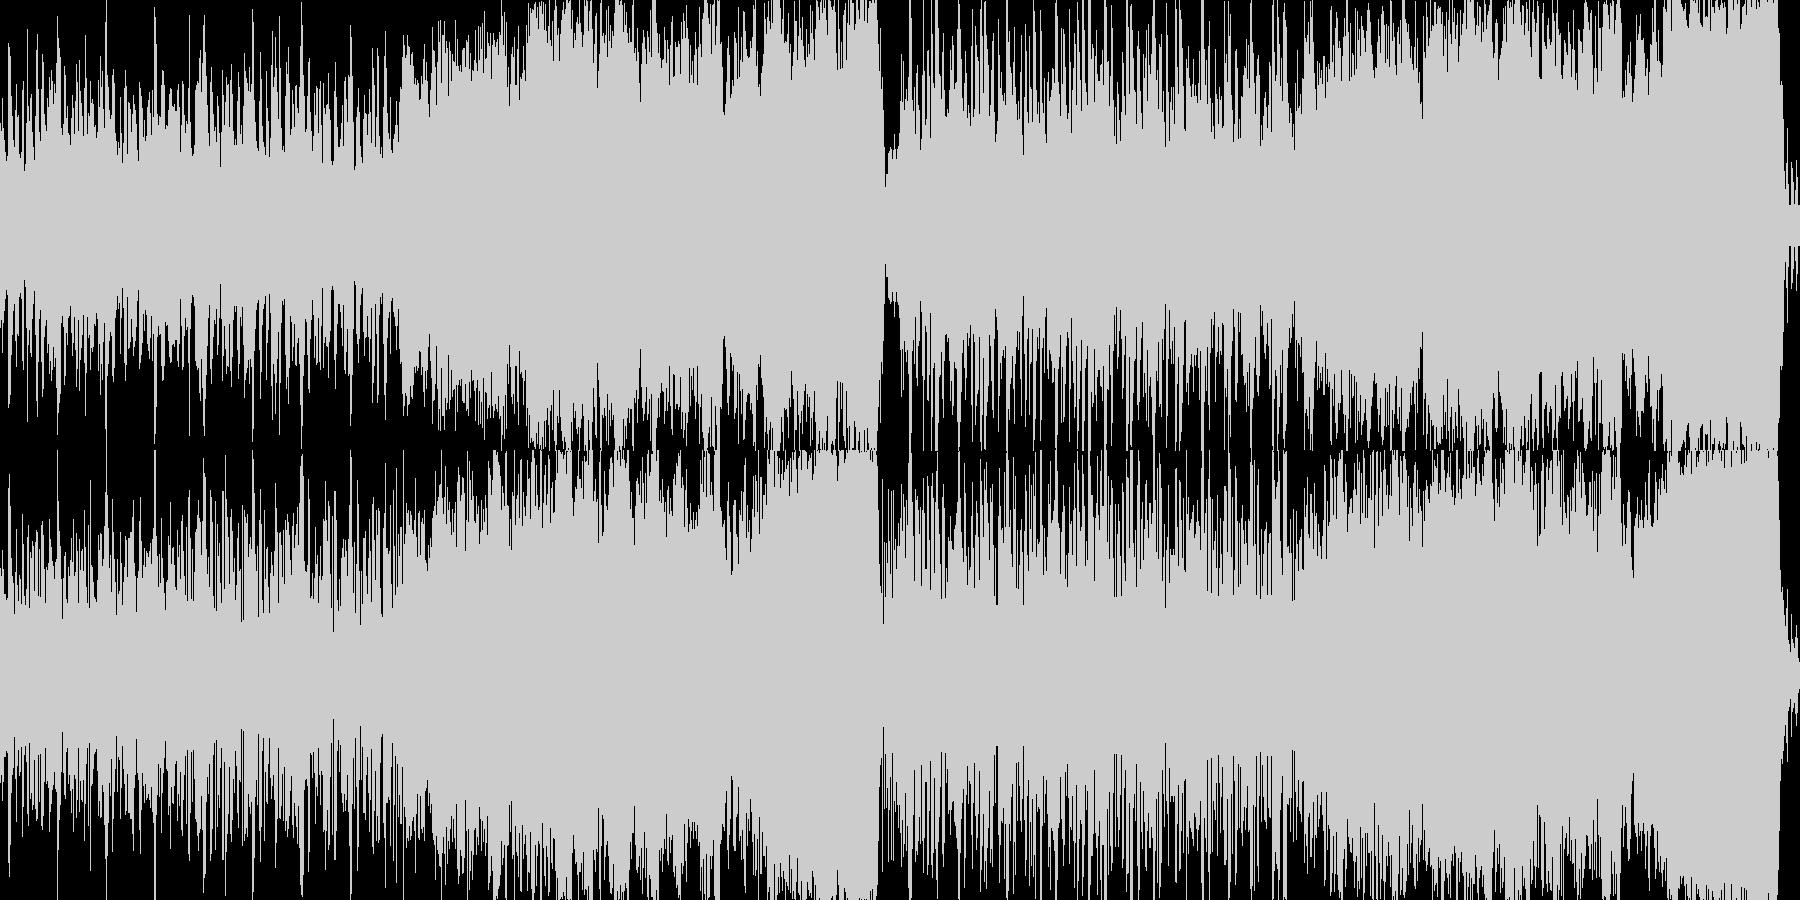 爽やかで明るいオーケストラ曲の未再生の波形